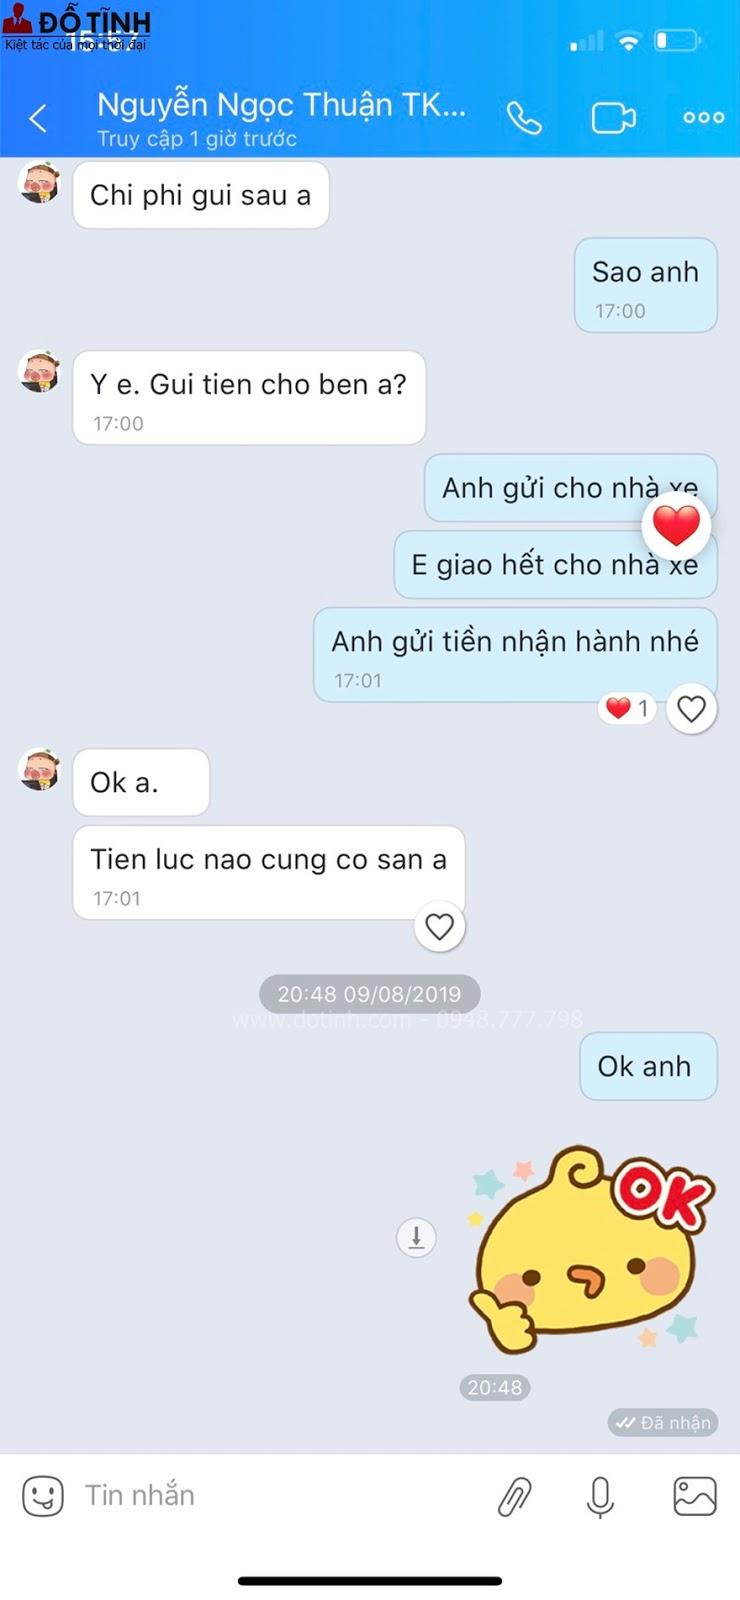 Những lời nhắn đáng yêu của vị khách hàng tại Sài Gòn dành cho bộ trường kỷ TK28